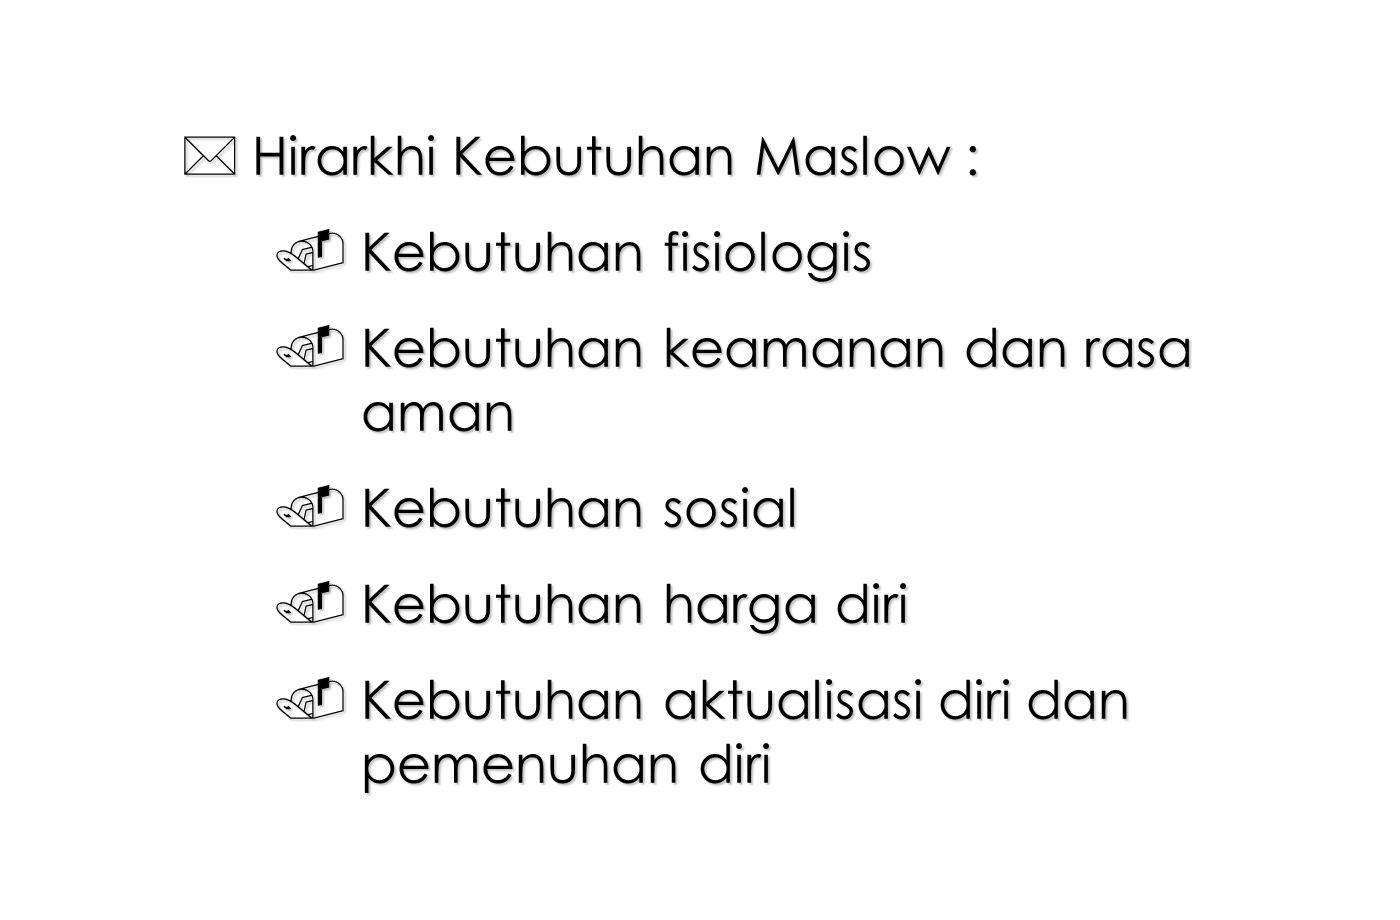 Hirarkhi Kebutuhan Maslow :